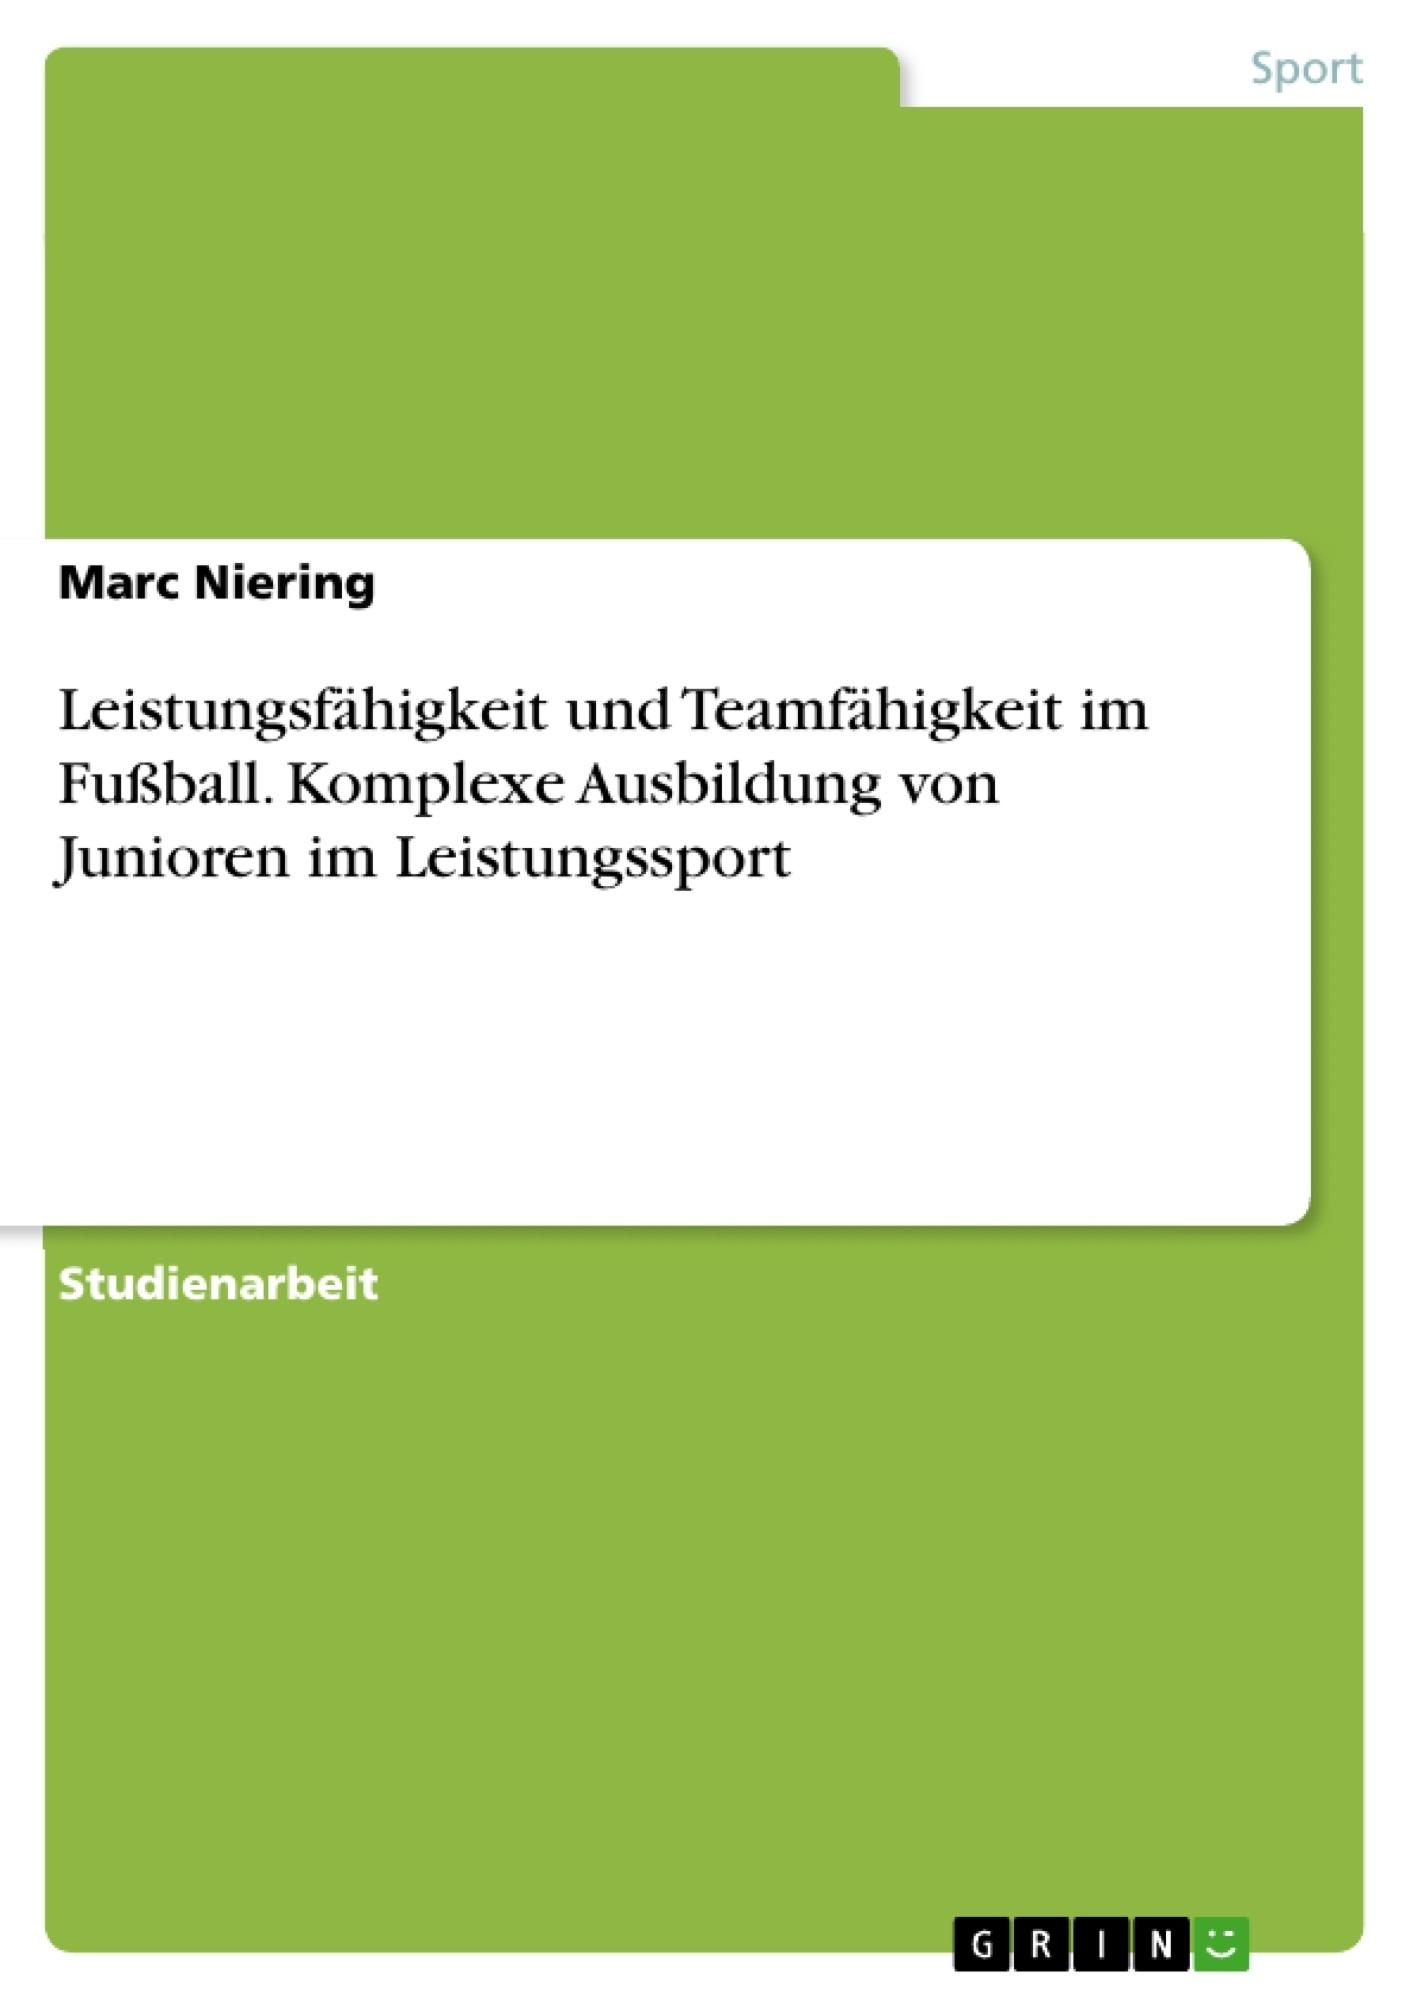 Titel: Leistungsfähigkeit und Teamfähigkeit im Fußball. Komplexe Ausbildung von Junioren im Leistungssport